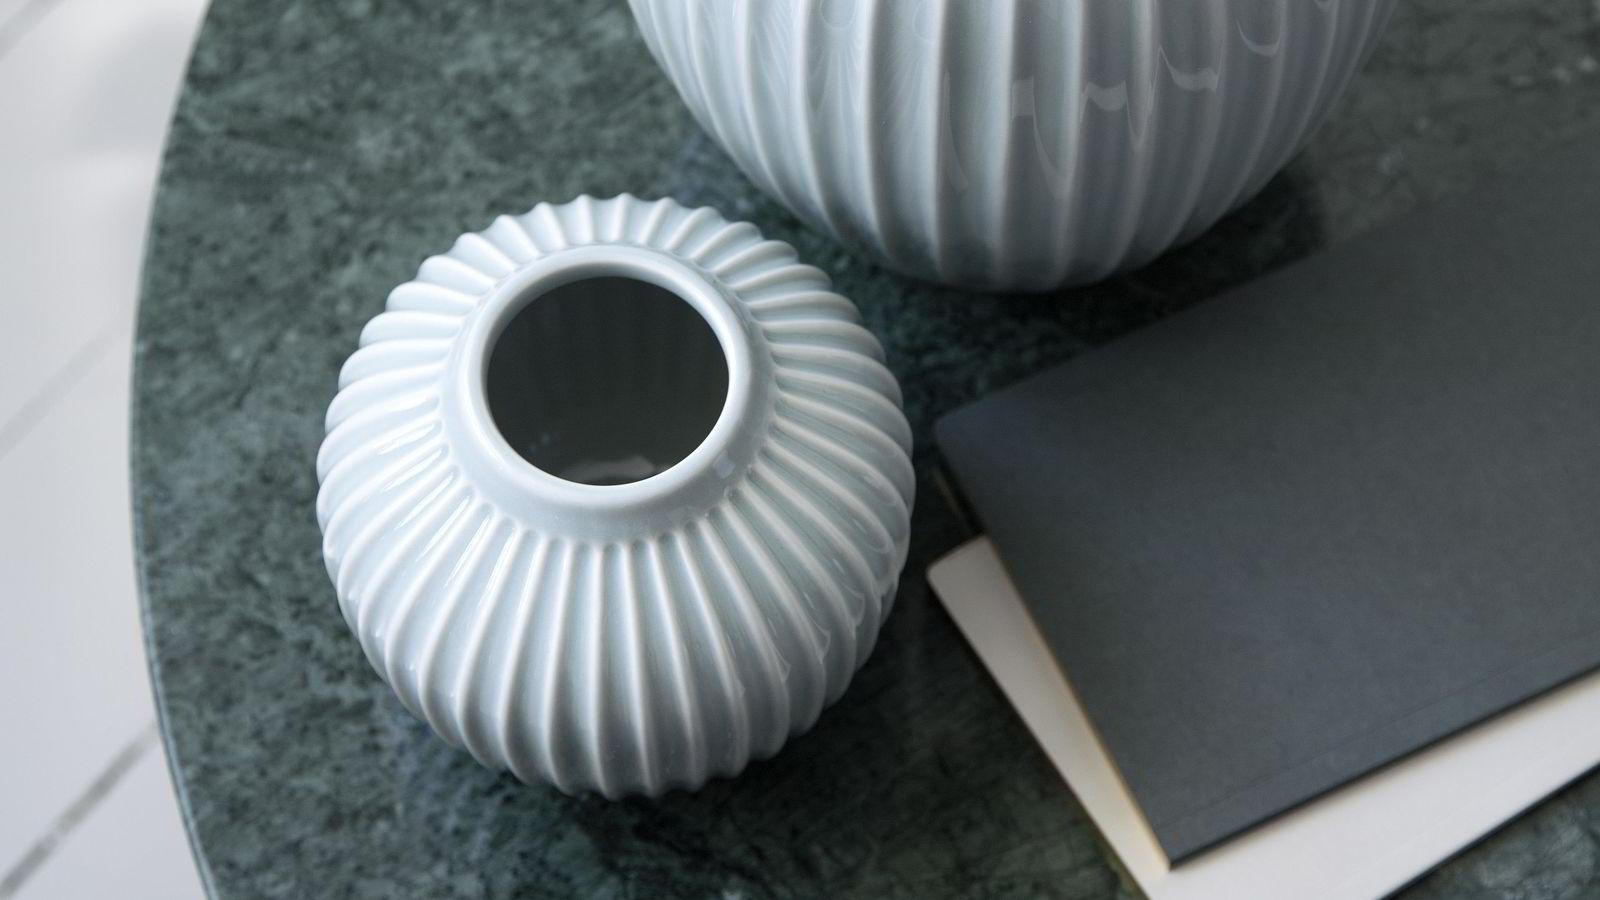 f66107f6 Danske Kähler solgte 200.000 vaser i Norge ifjor. I år har salget økt,  takket